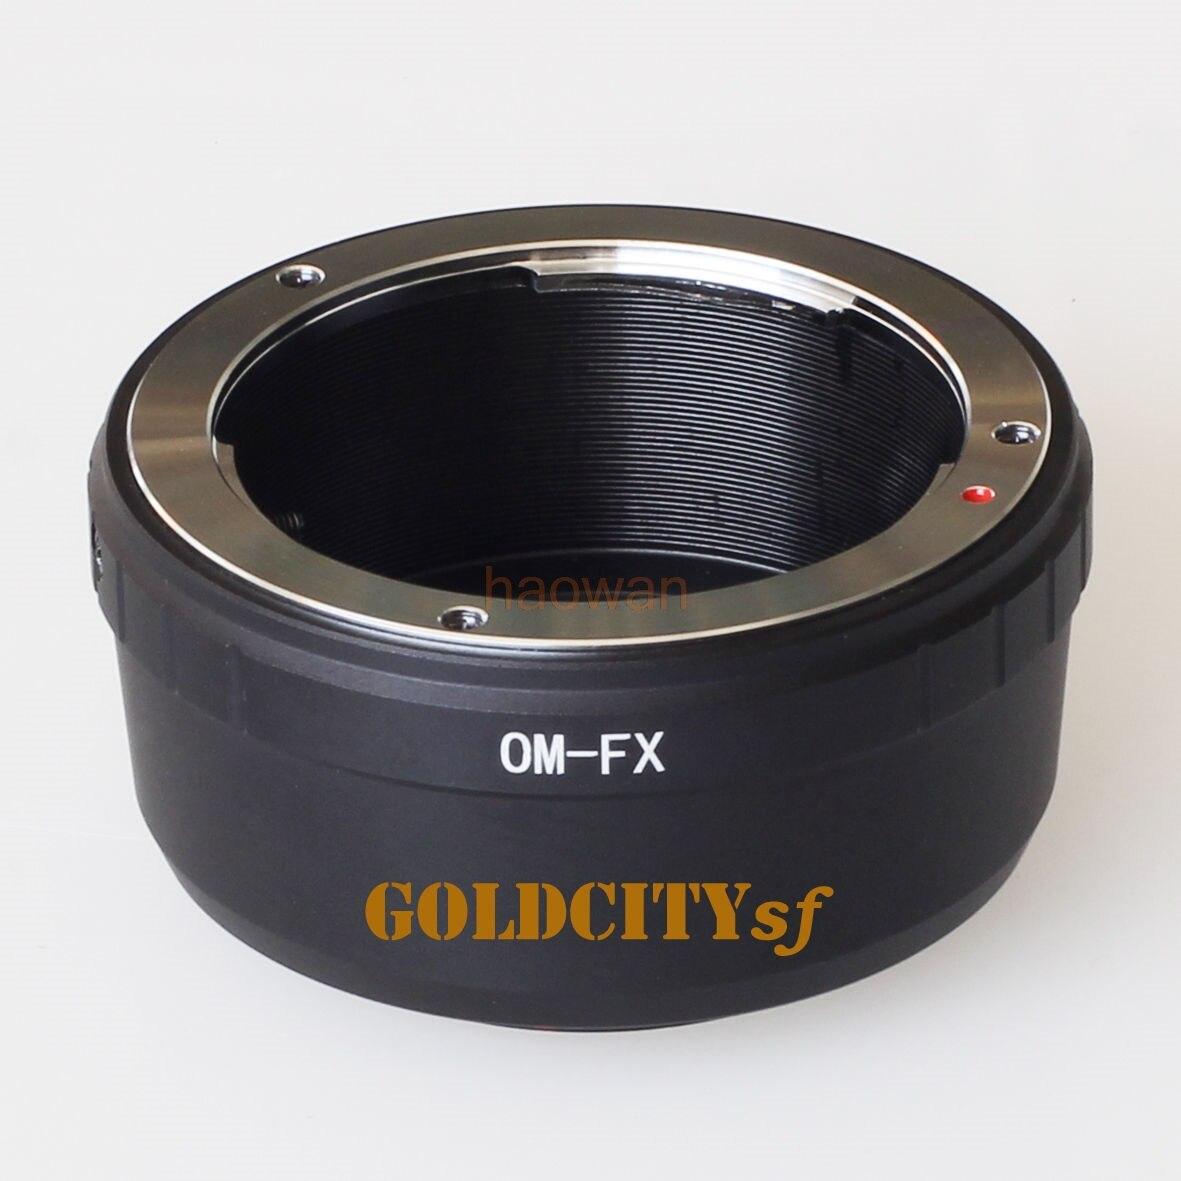 OM-FX bague adaptateur d'objectif à monture OM pour caméra fuji film fuji FX X X-E2/X-E1/X-Pro1/X-M1/X-A2/X-A1/X-T1 xpro2